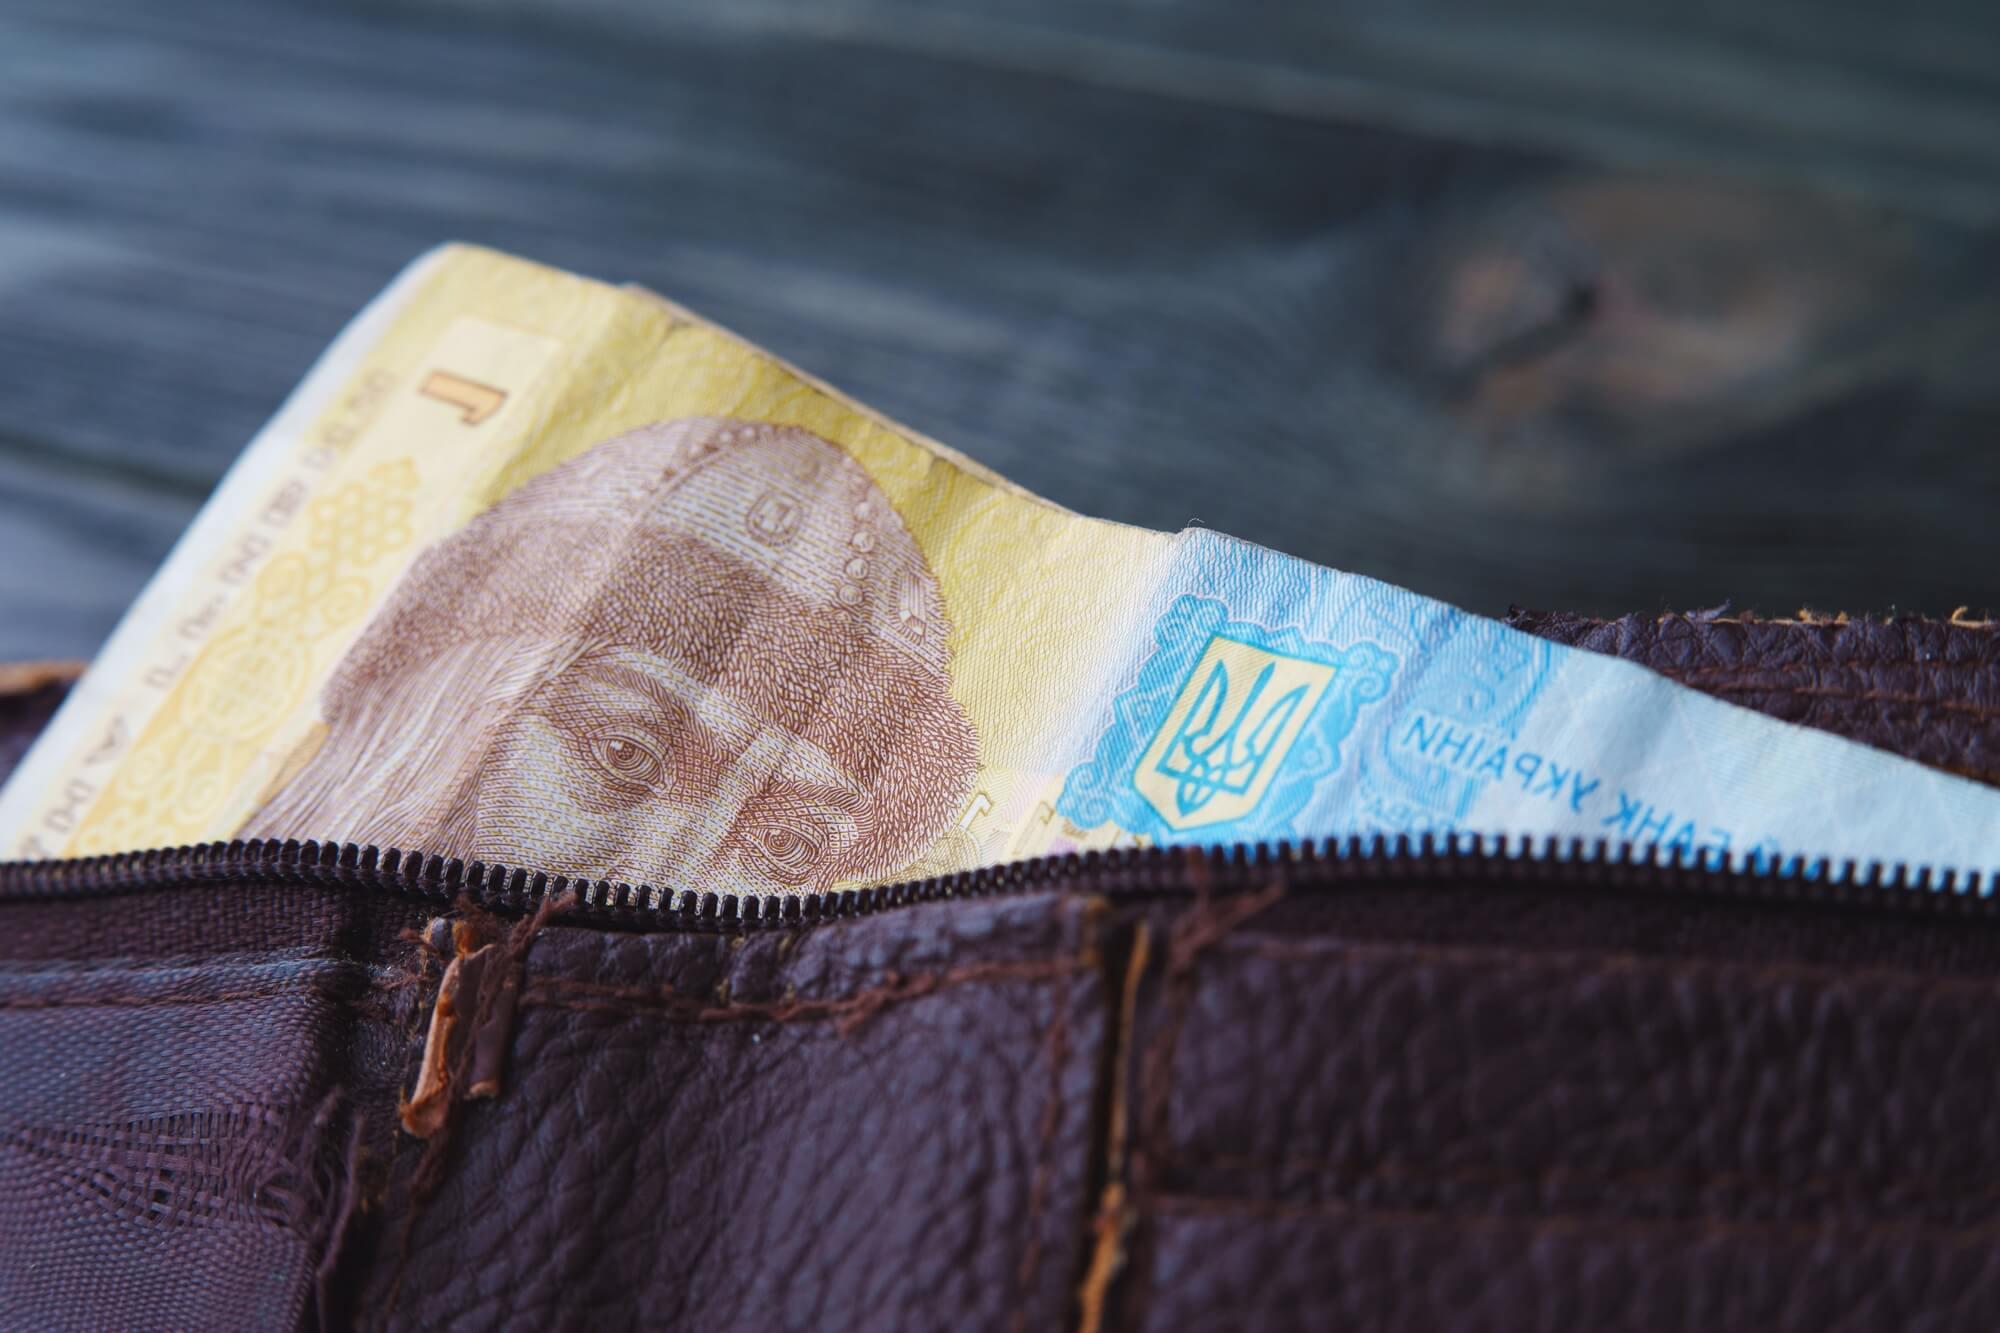 Цегла, бетон та валізи з грішми. Оцінка попиту на готівку в Україні на основі регіональних даних